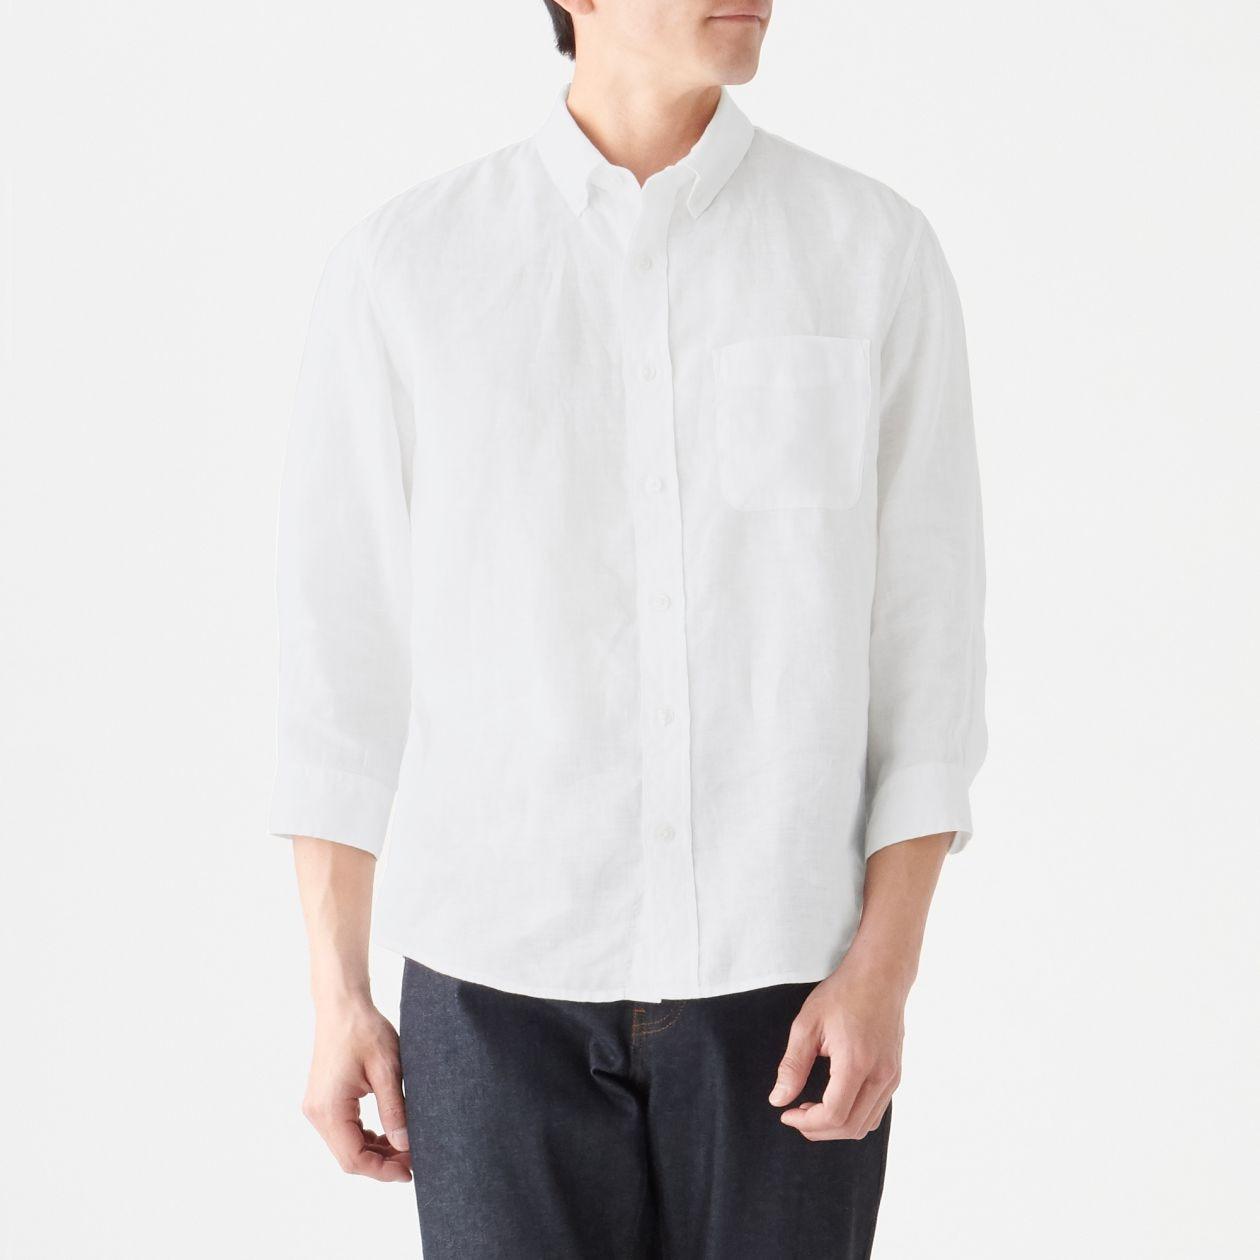 男法國亞麻水洗扣領七分袖襯衫 白色S | 無印良品